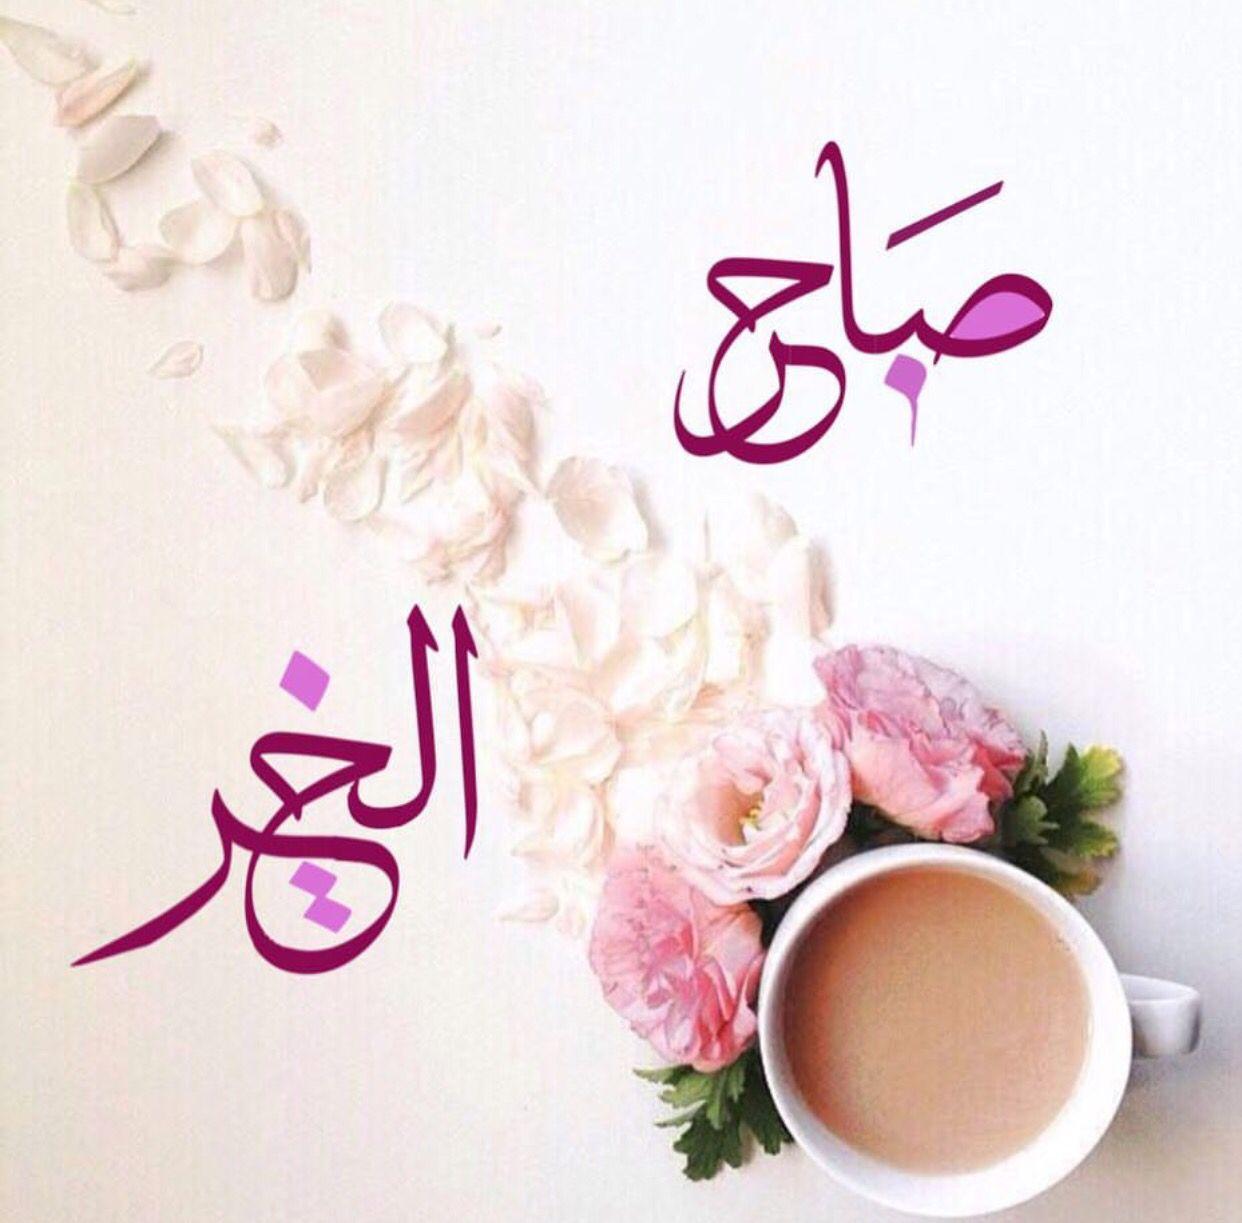 صورة عبارات صباح الخير , صباح مشرق مع كلمة صباح الخير 5387 7